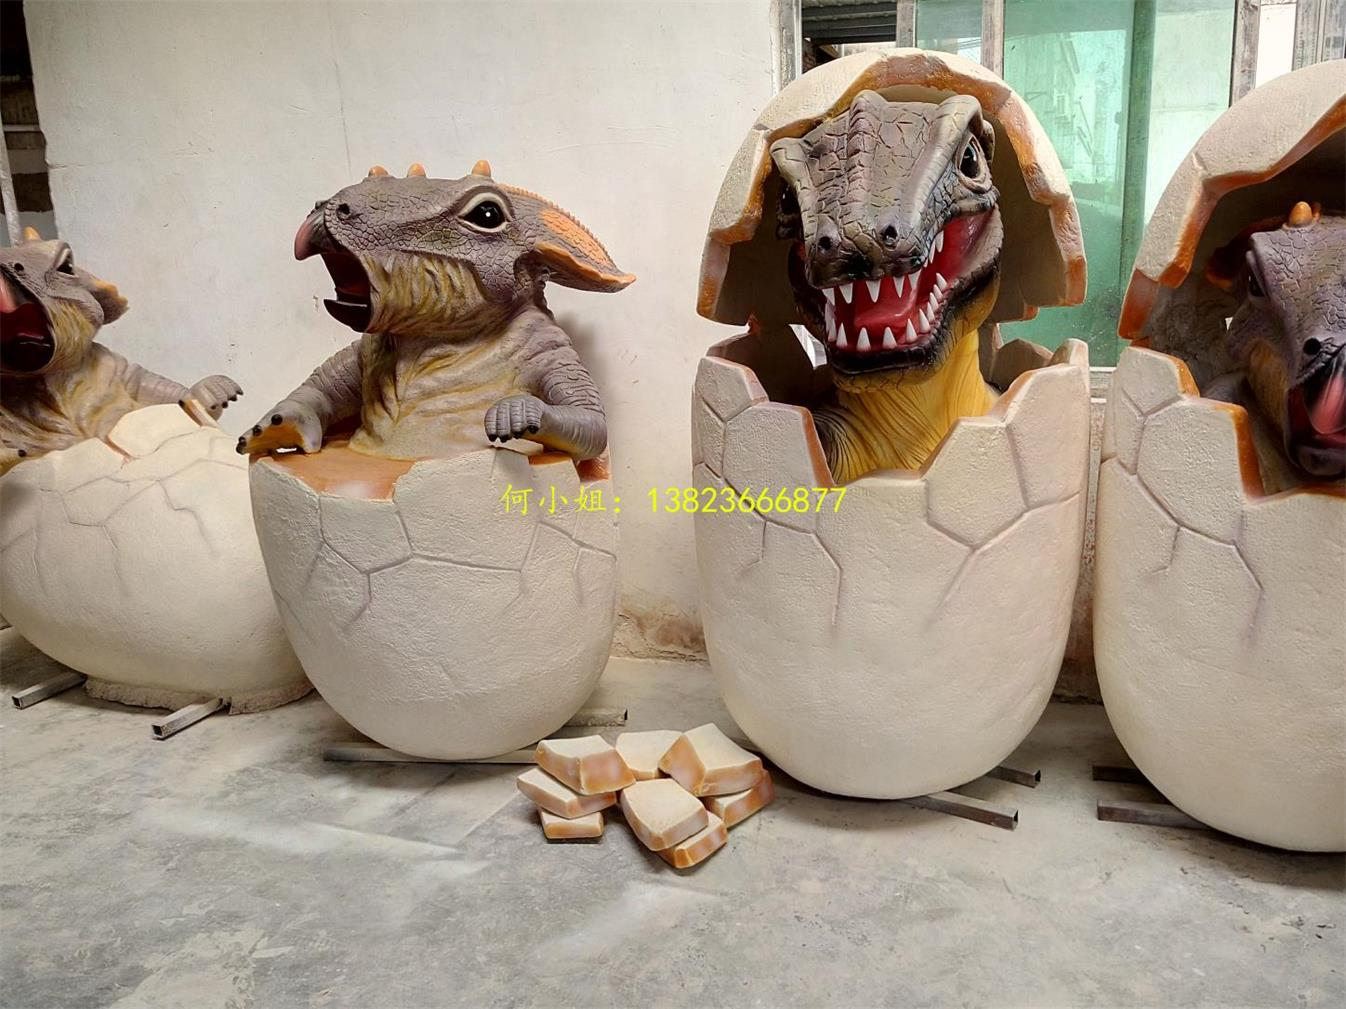 广场装饰玻璃钢仿真恐龙蛋模型雕塑展示产品图